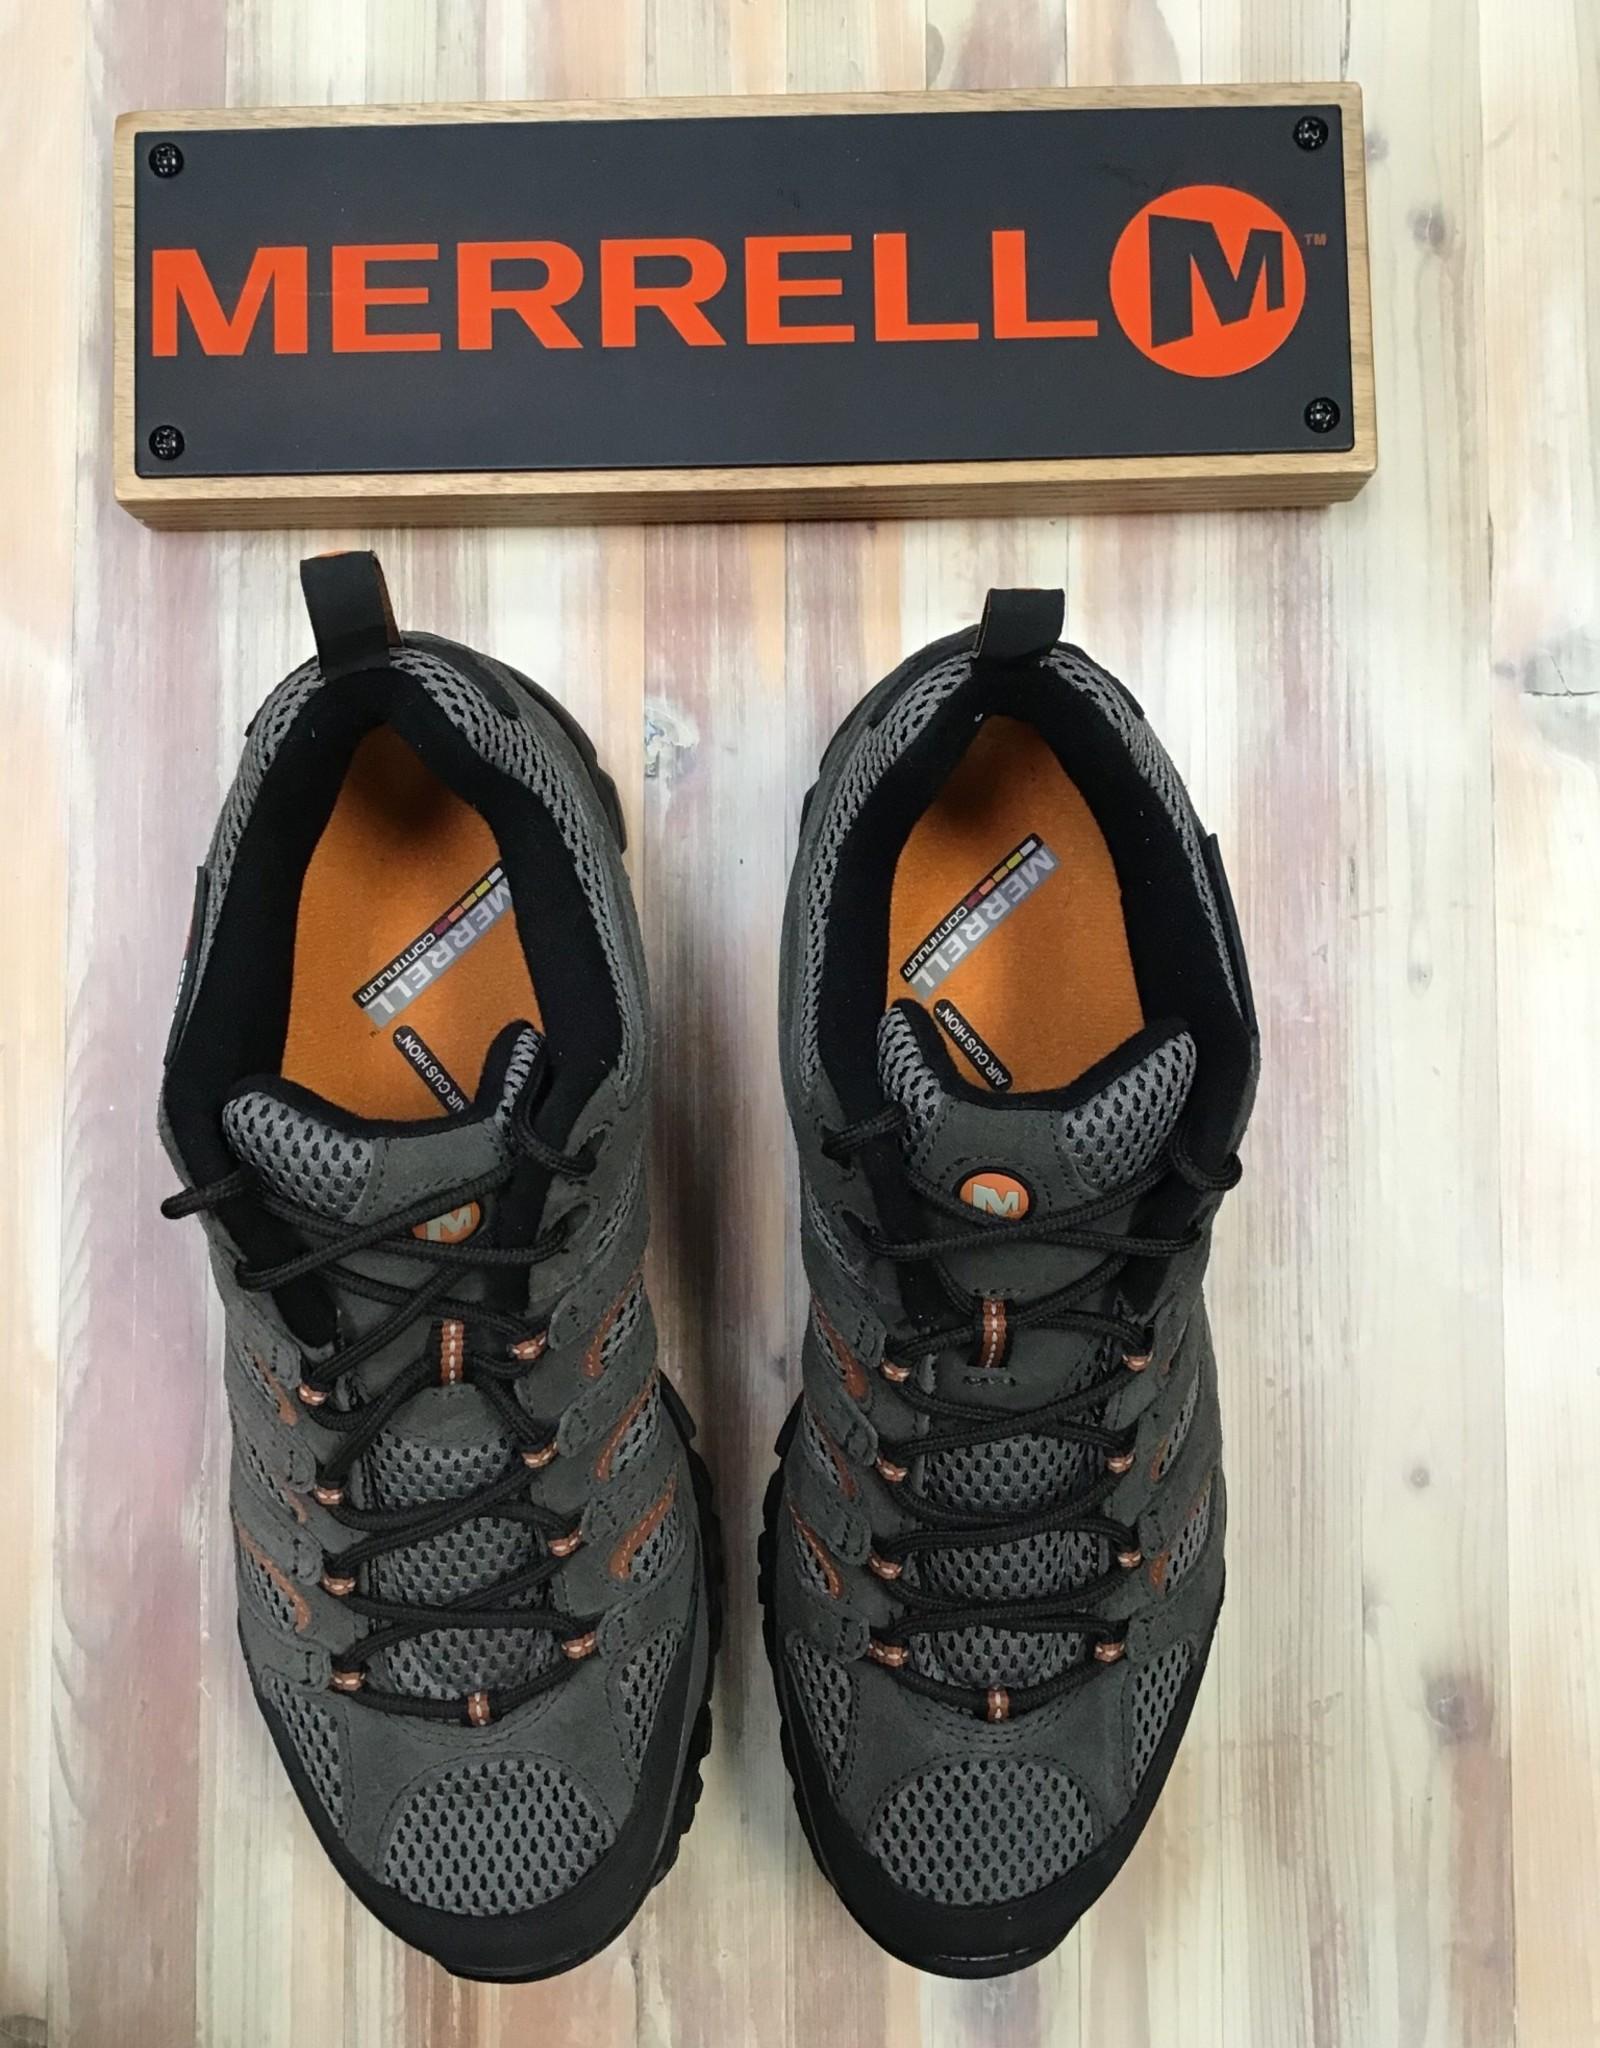 Merrell Merrell Moab Ventilator Men's